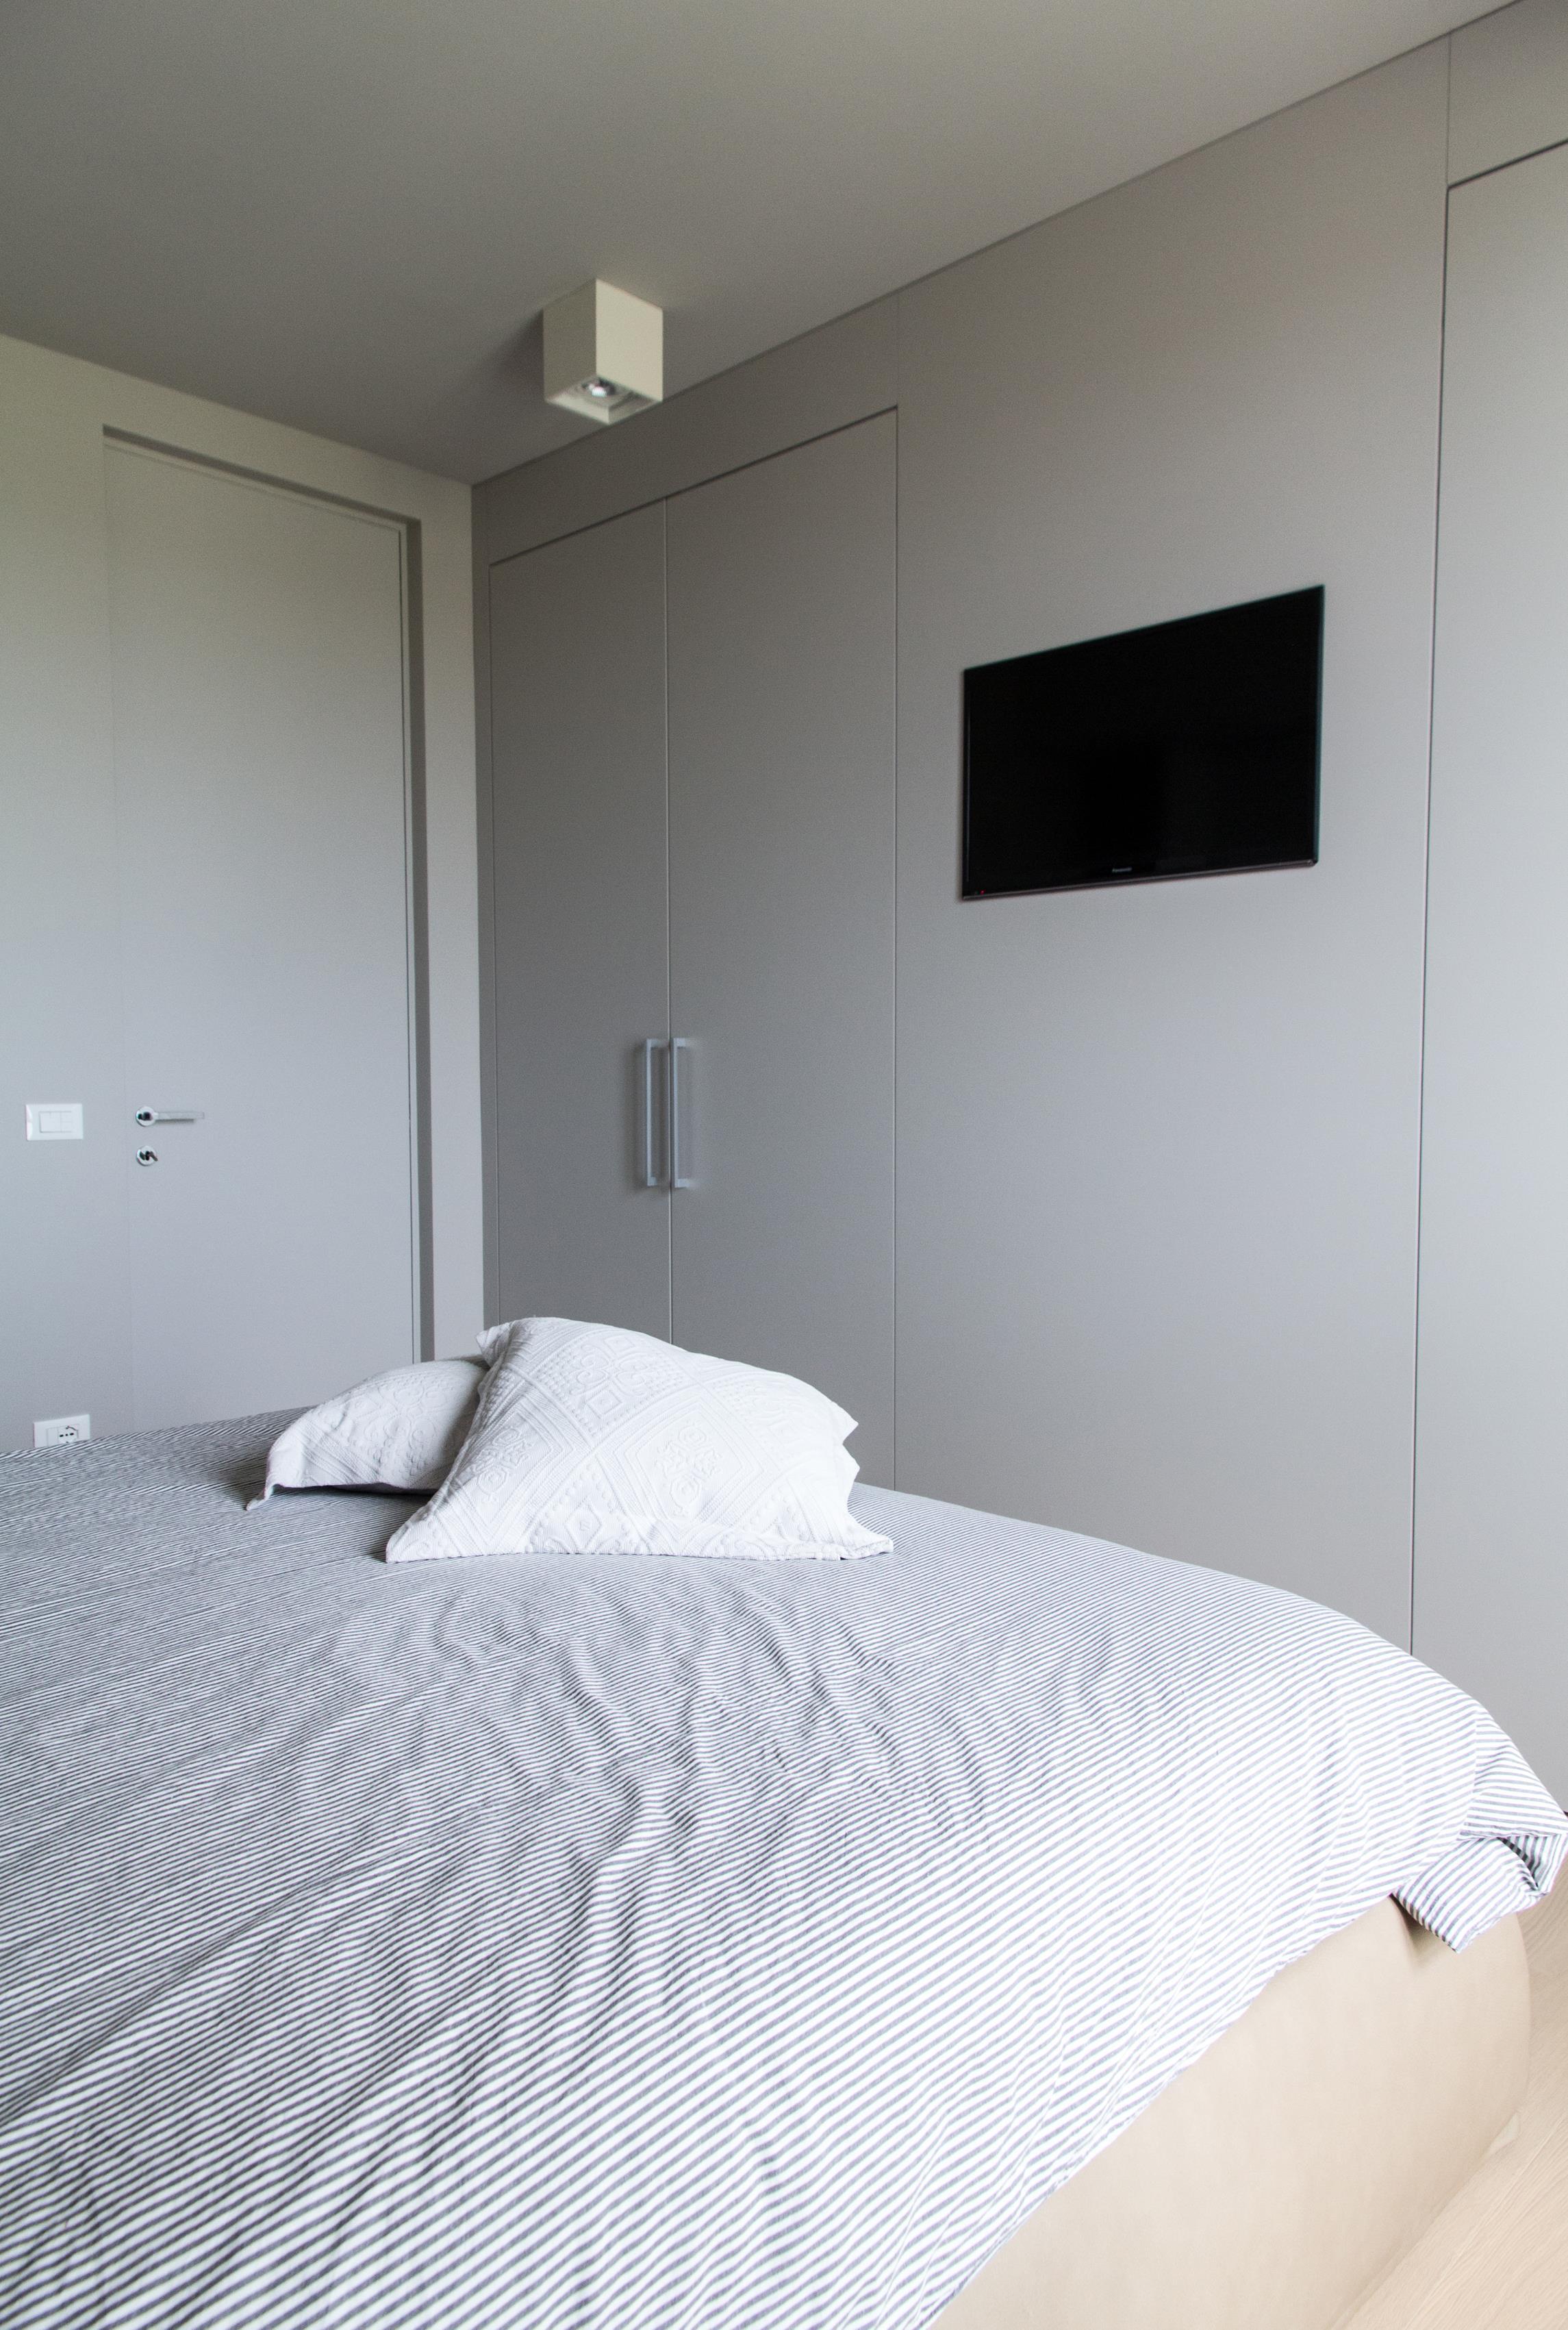 Cabine armadio - Stanza da letto con cabina armadio ...